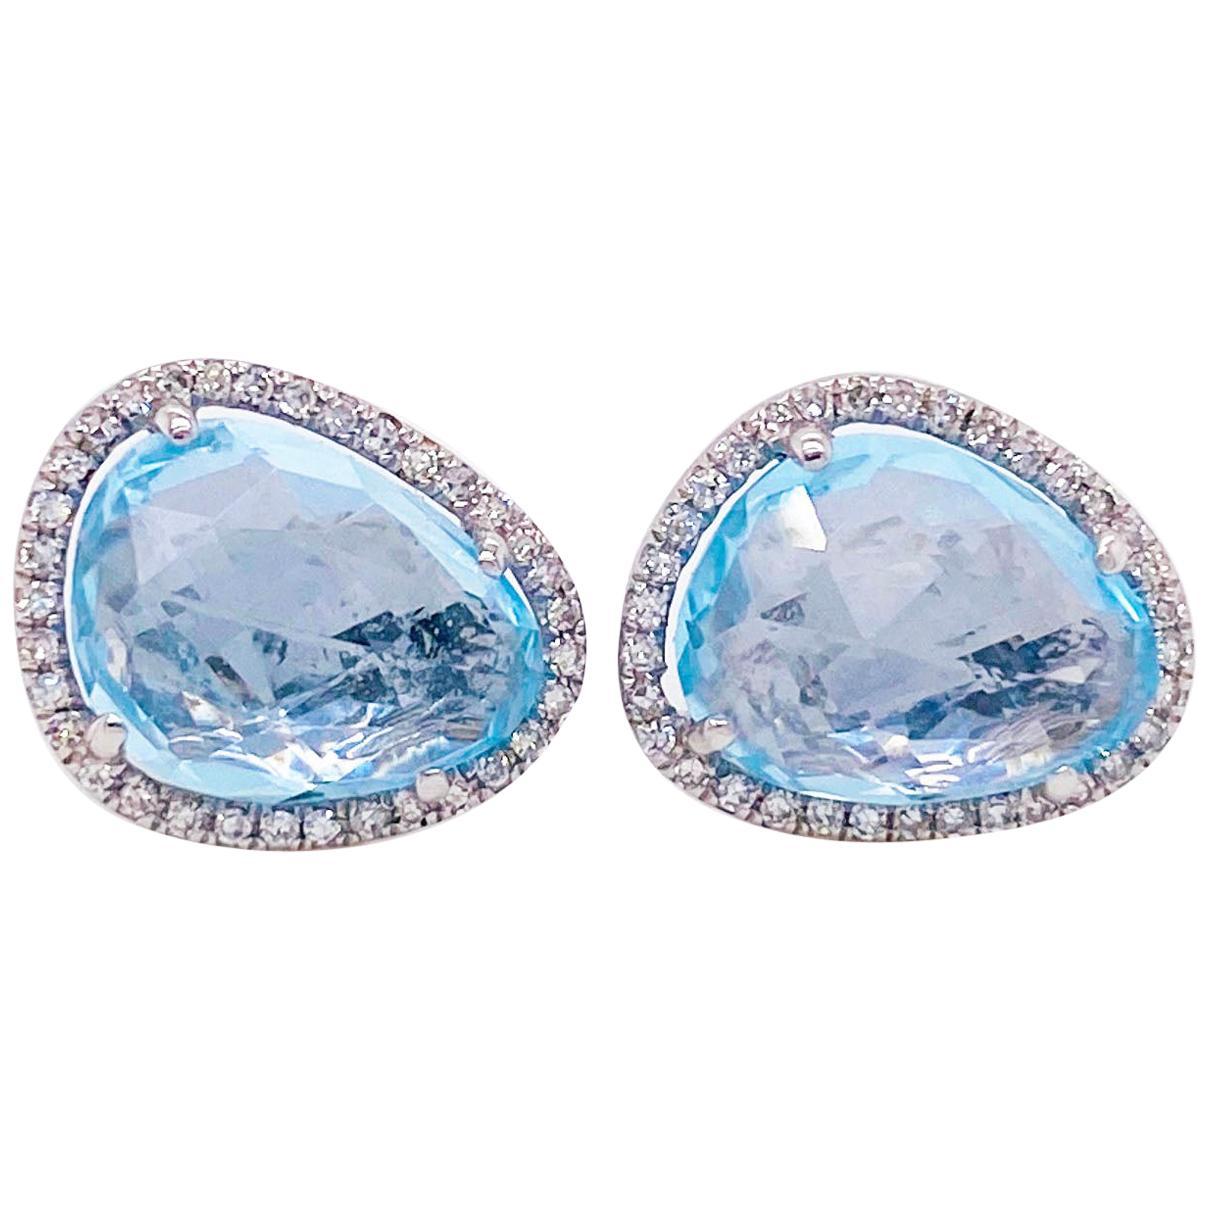 Blue Topaz Halo Earrings with Diamonds Bean Shape Organic Stud Earrings